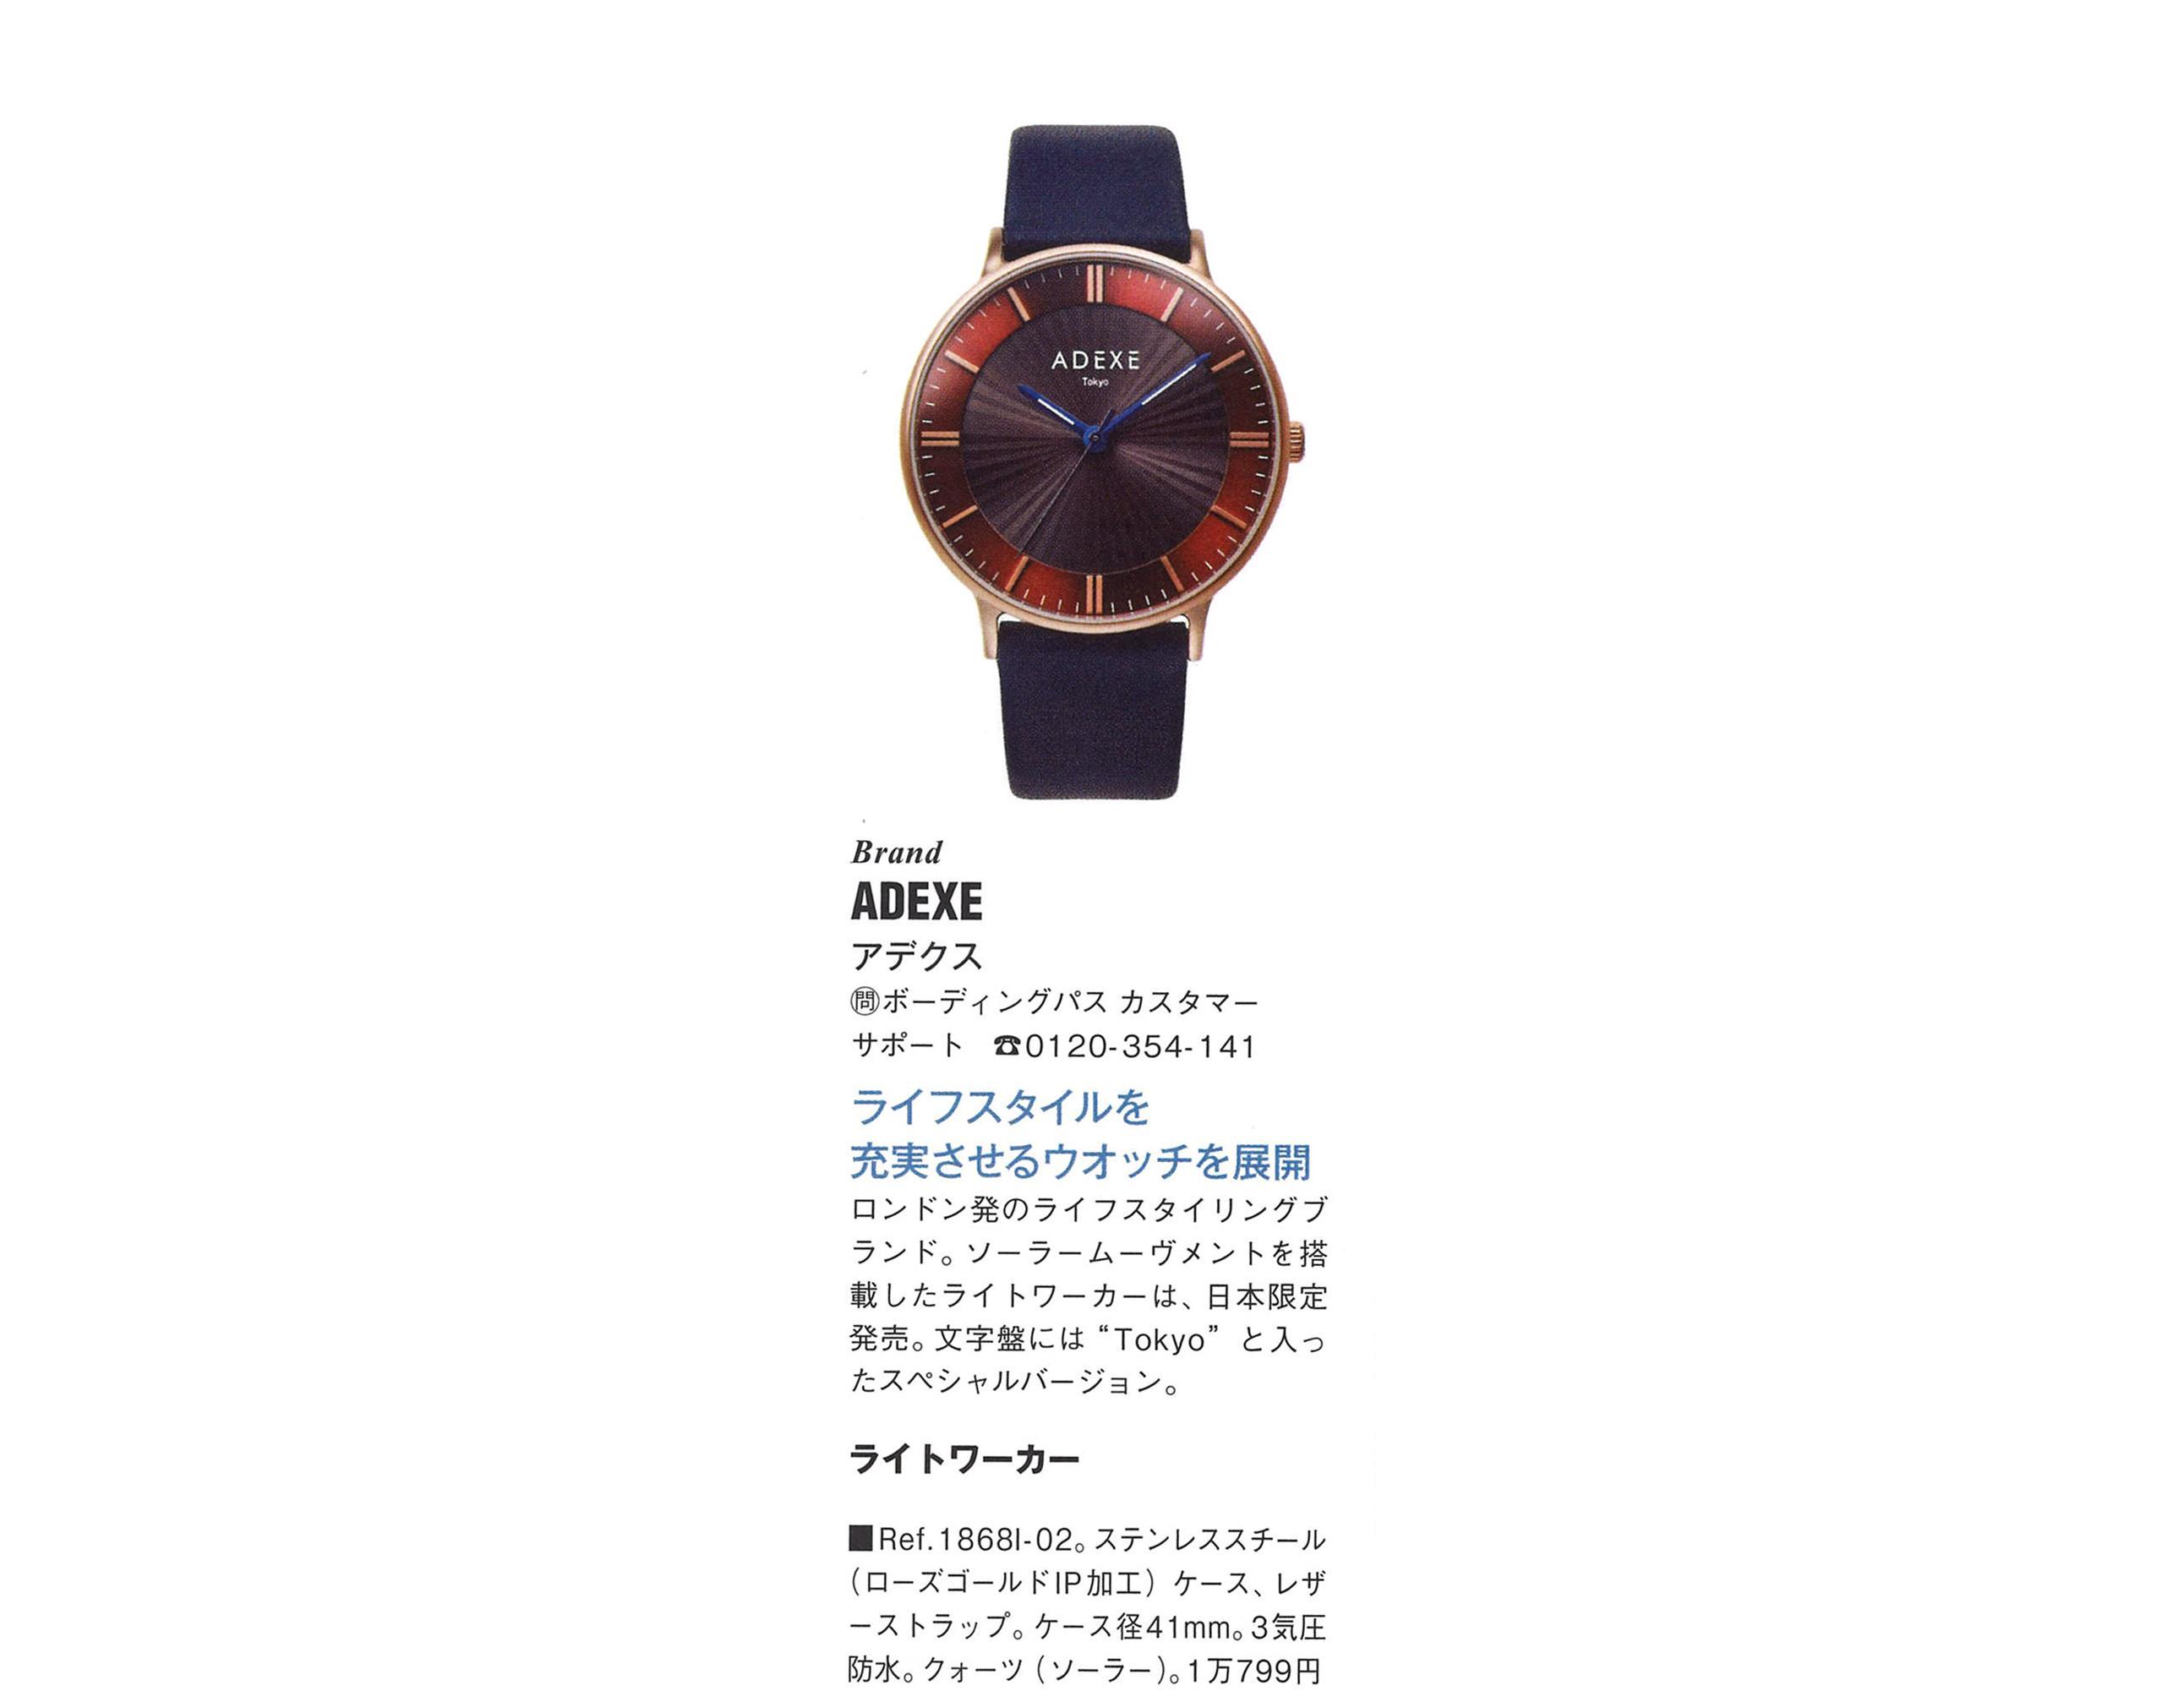 [掲載情報]TIME Gear(タイムギア)Vol.26